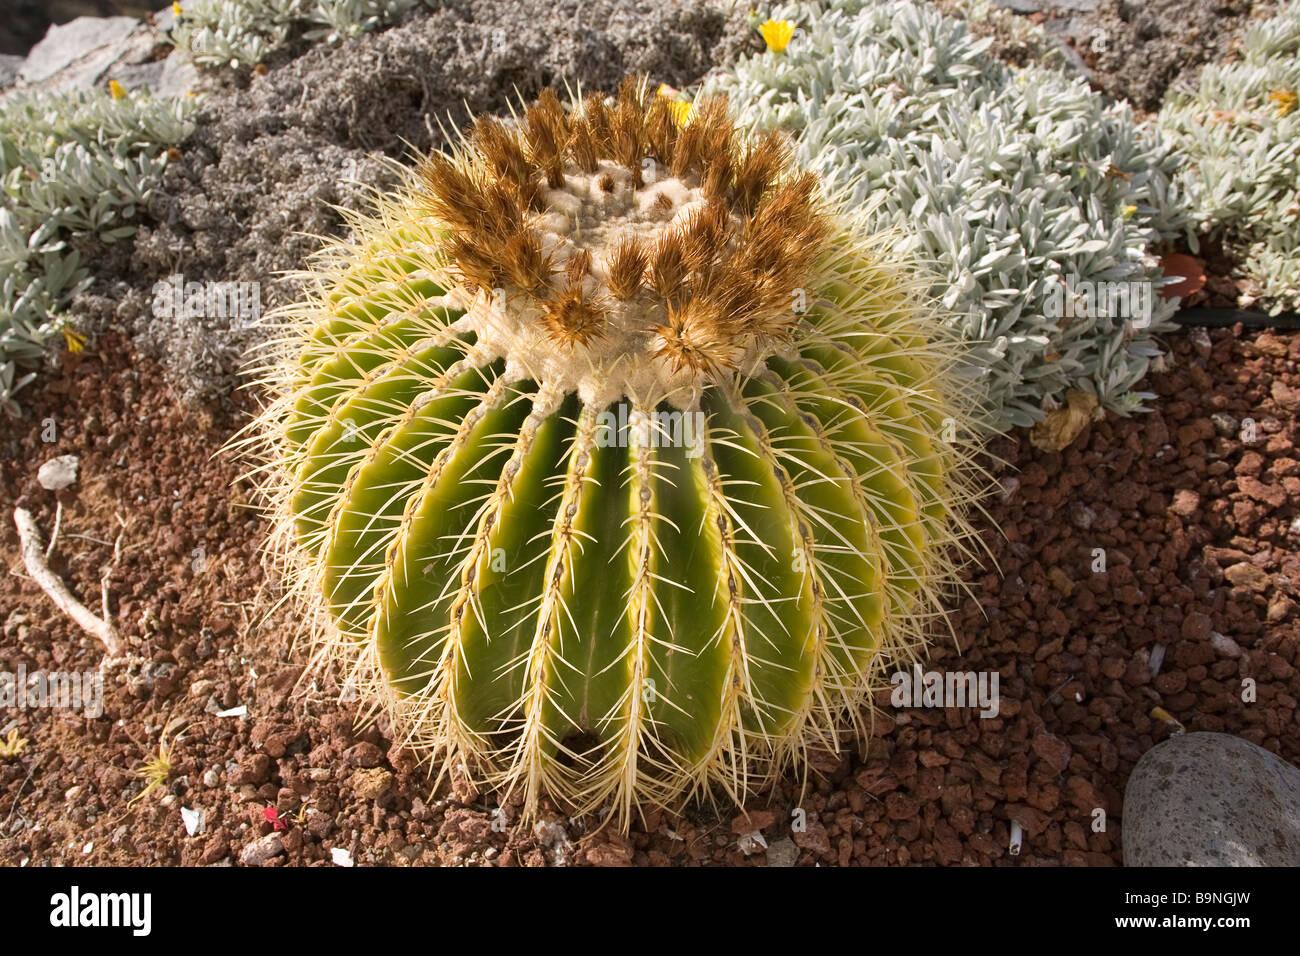 Cactus garden spain stock photos cactus garden spain for Cactus santiago